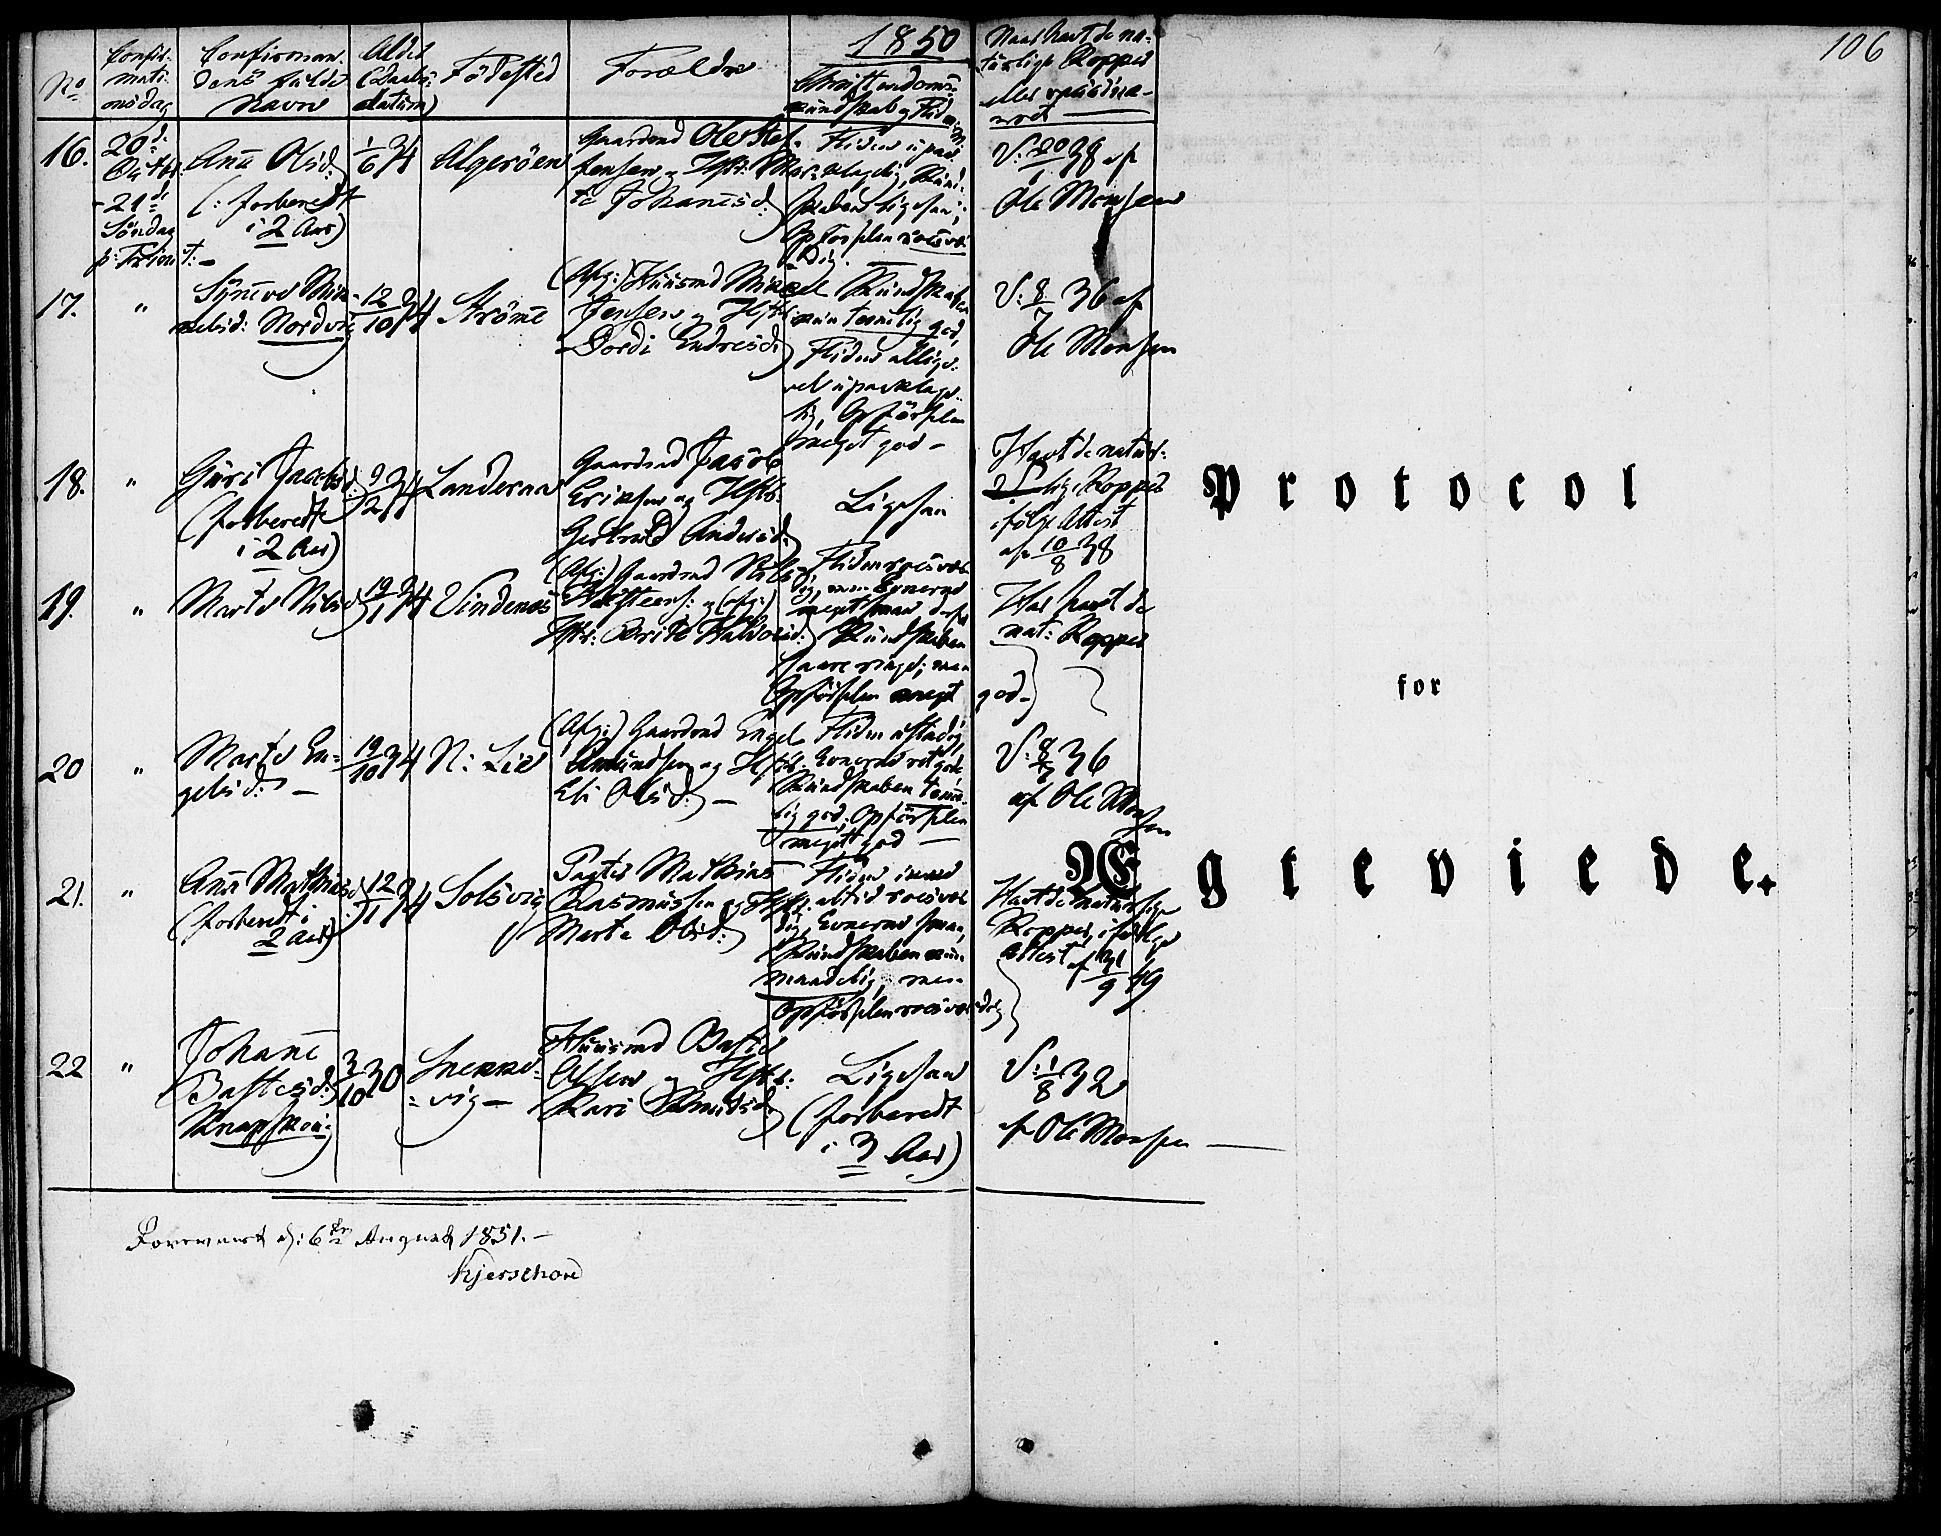 SAB, Fjell Sokneprestembete, H/Haa: Ministerialbok nr. A 1, 1835-1850, s. 106